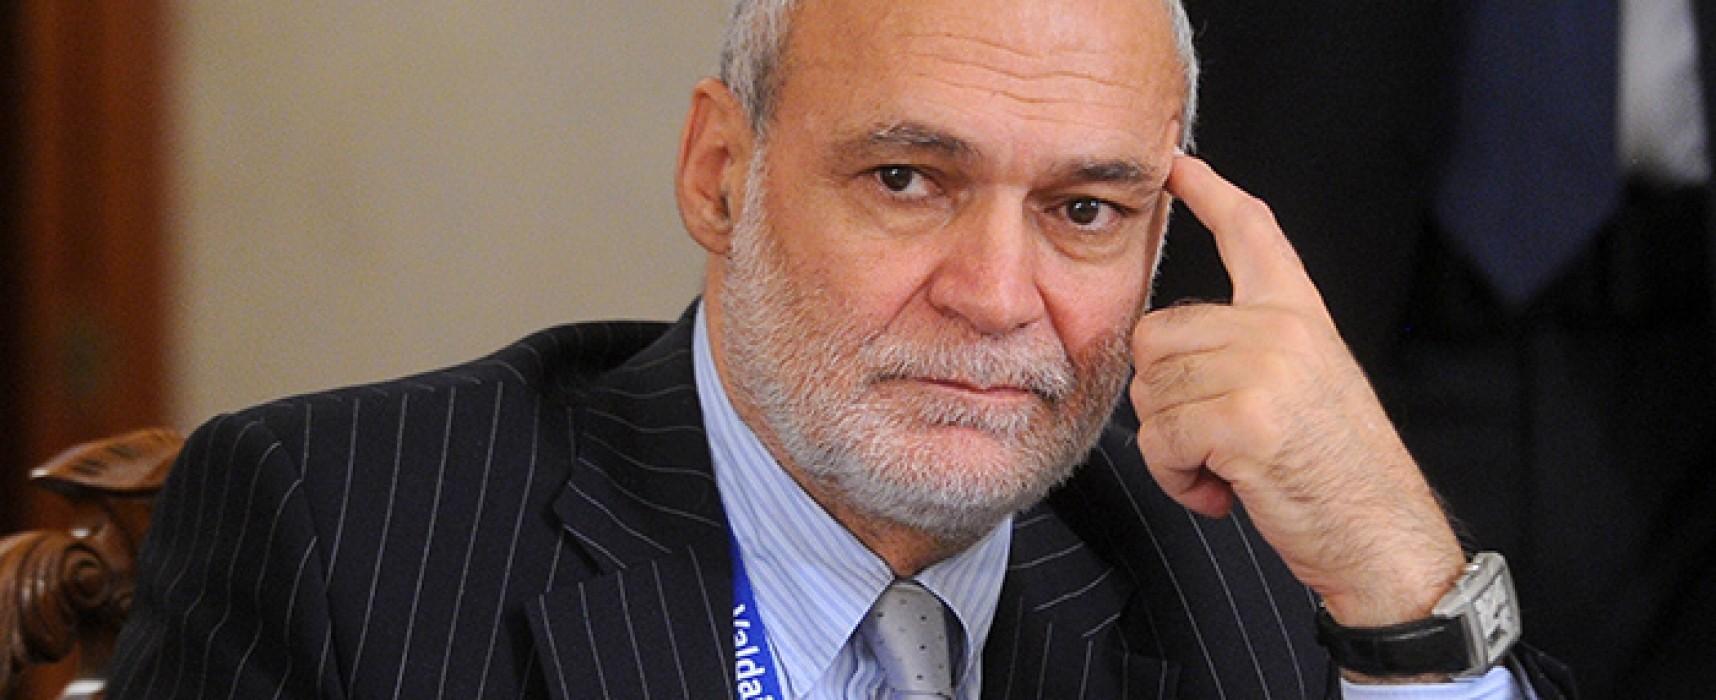 Нью-йоркский Институт демократии и сотрудничества Андраника Миграняна закрывается